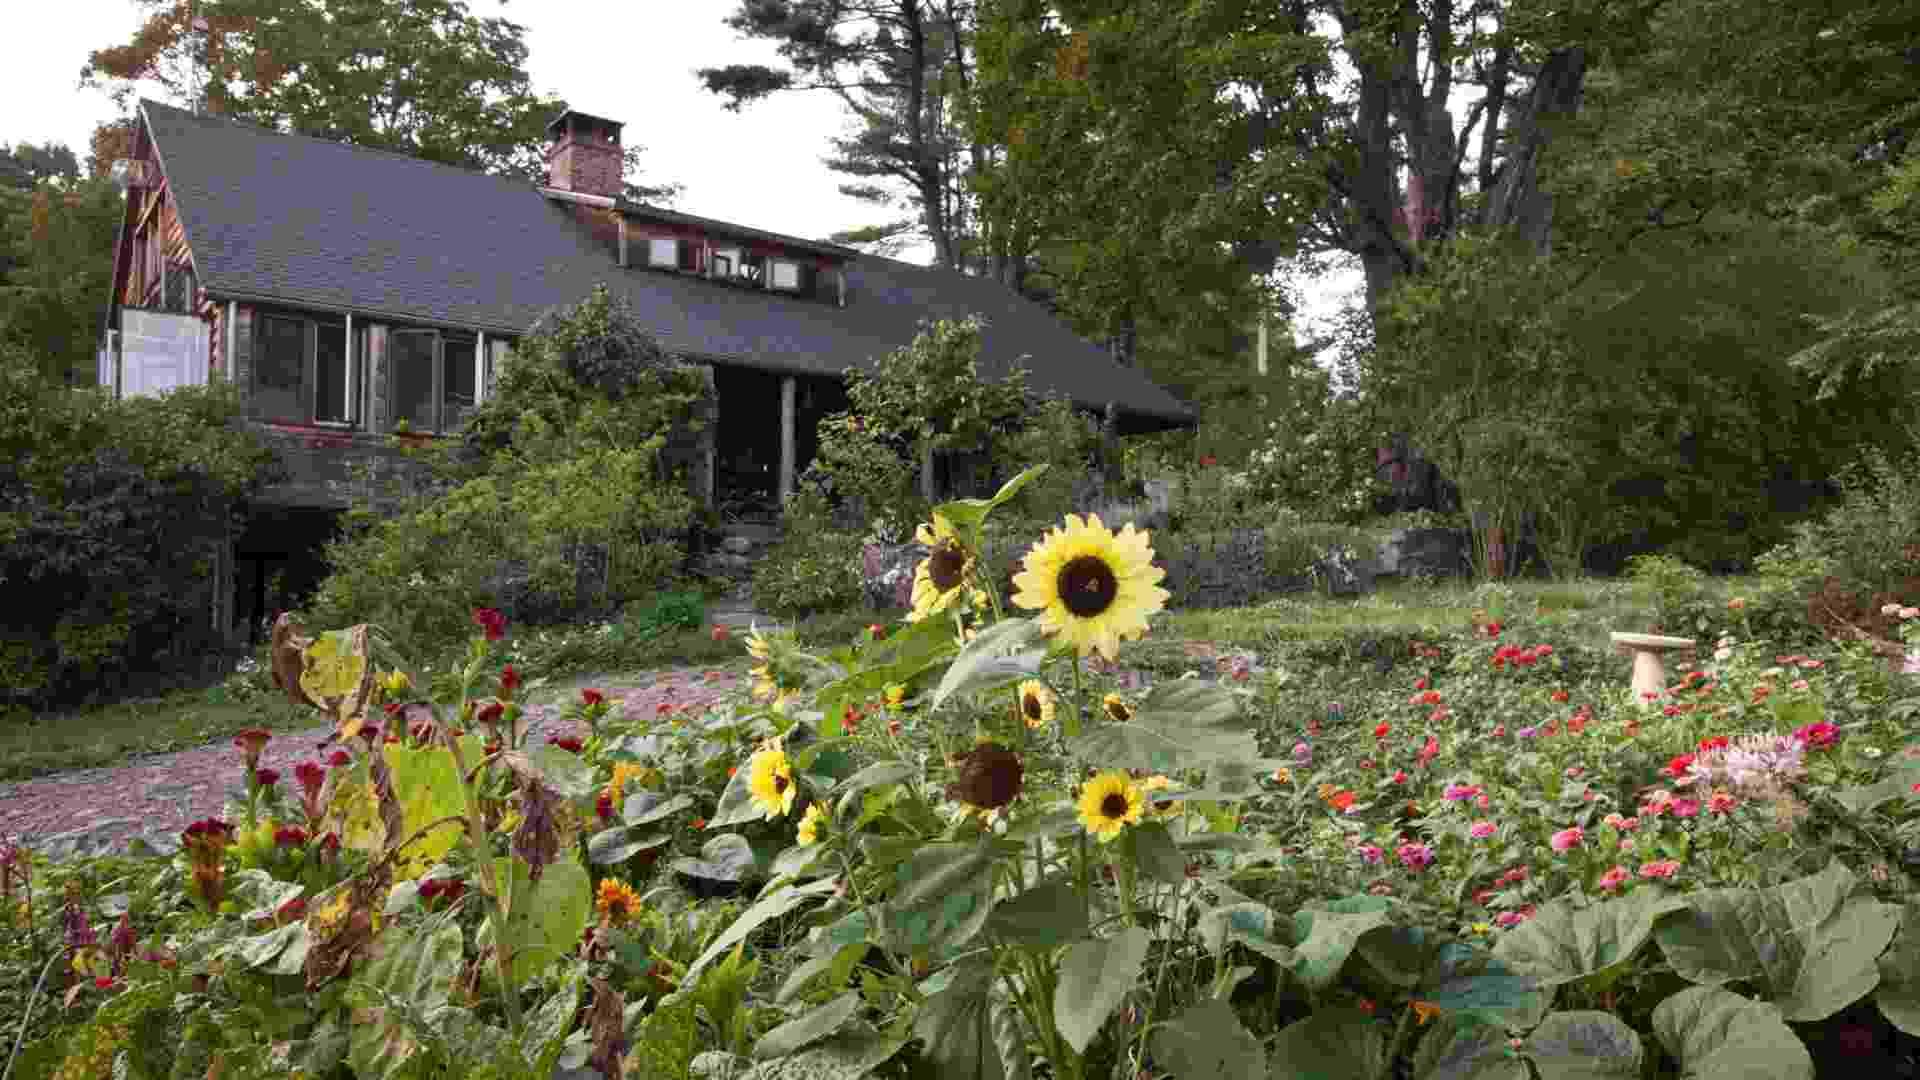 A casa de fazenda com cerca de 300 anos de idade está na família da artista plástica Portia Munson desde o início do século 20. A residência antes era utilizada como cabana para caçadas (Imagem do NYT, usar apenas no respectivo material) - Tony Cenicola/ The New York Times